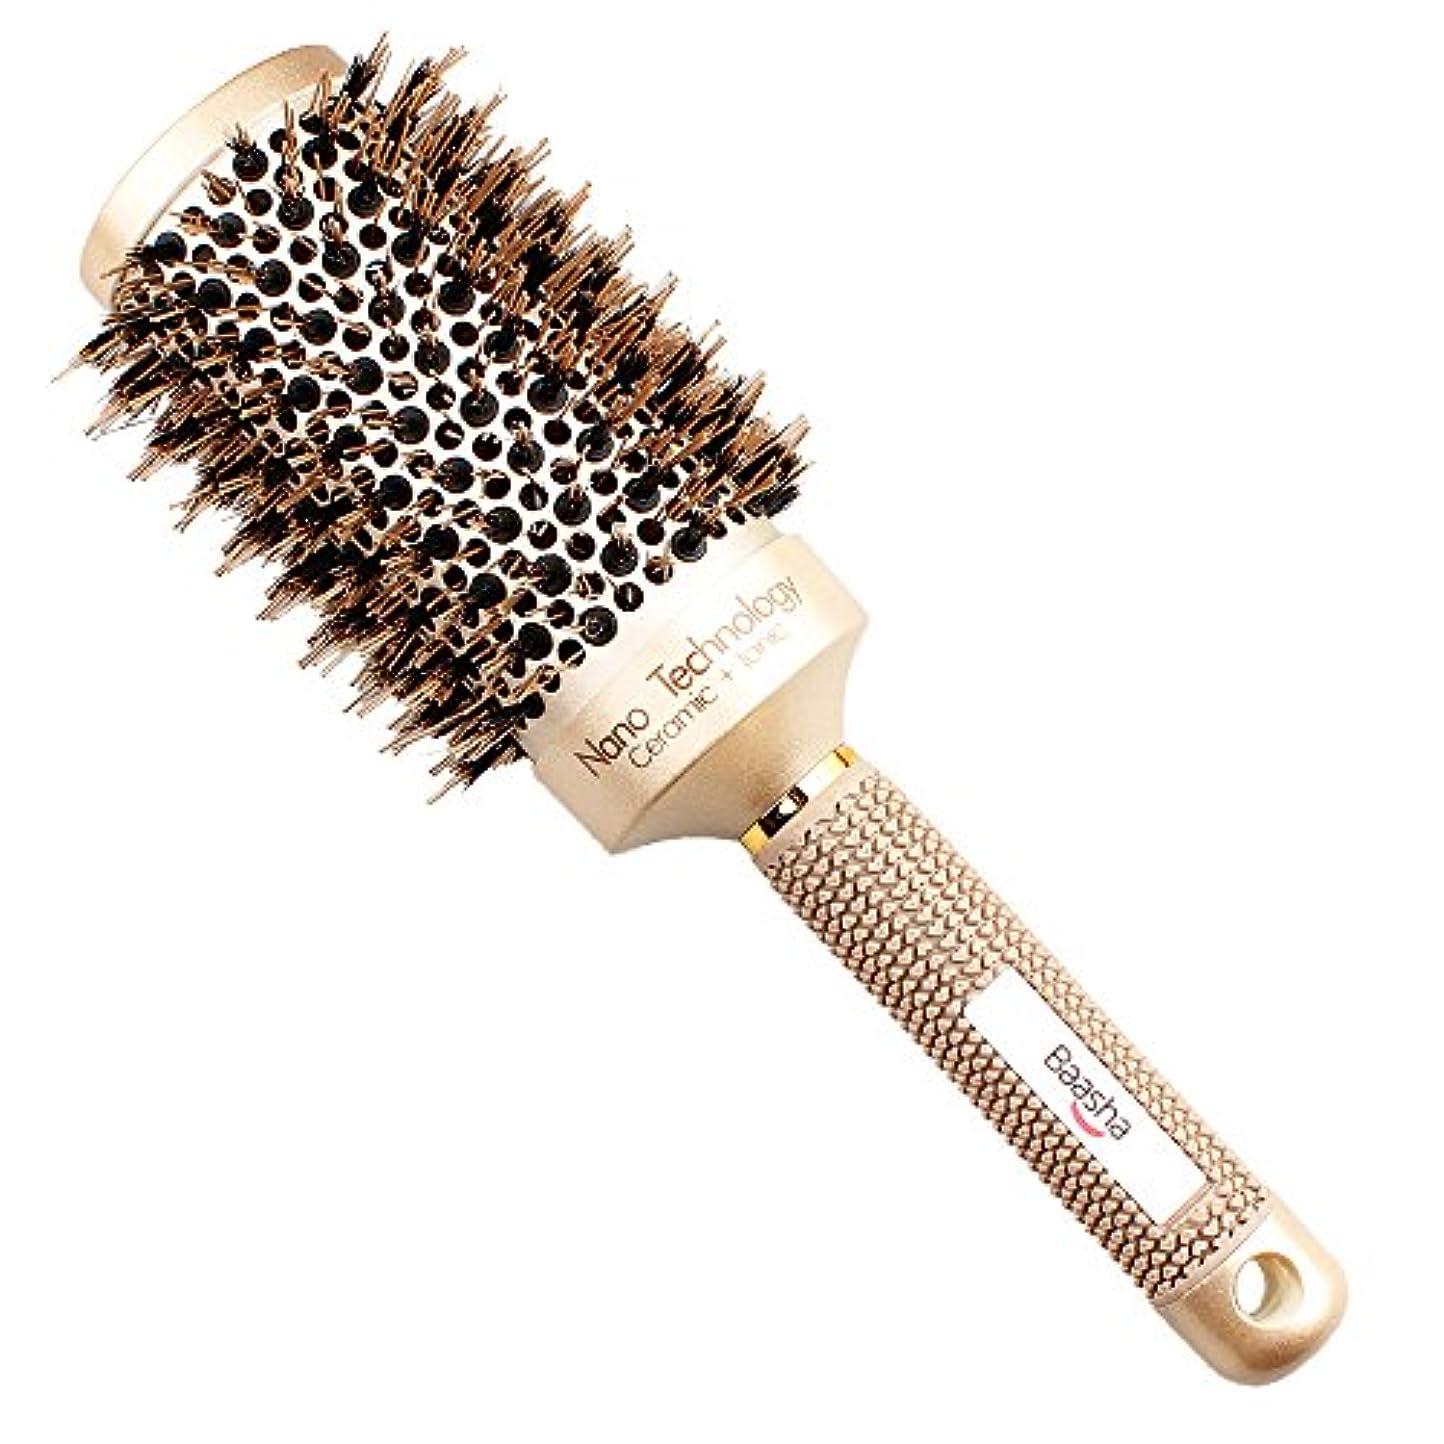 楽しませる小麦粉上流のBaashaヘアブラシ ロールブラシ ヘアケアブラシ 櫛 コーム スタイリング ブラシ カール 巻き髪 豚毛